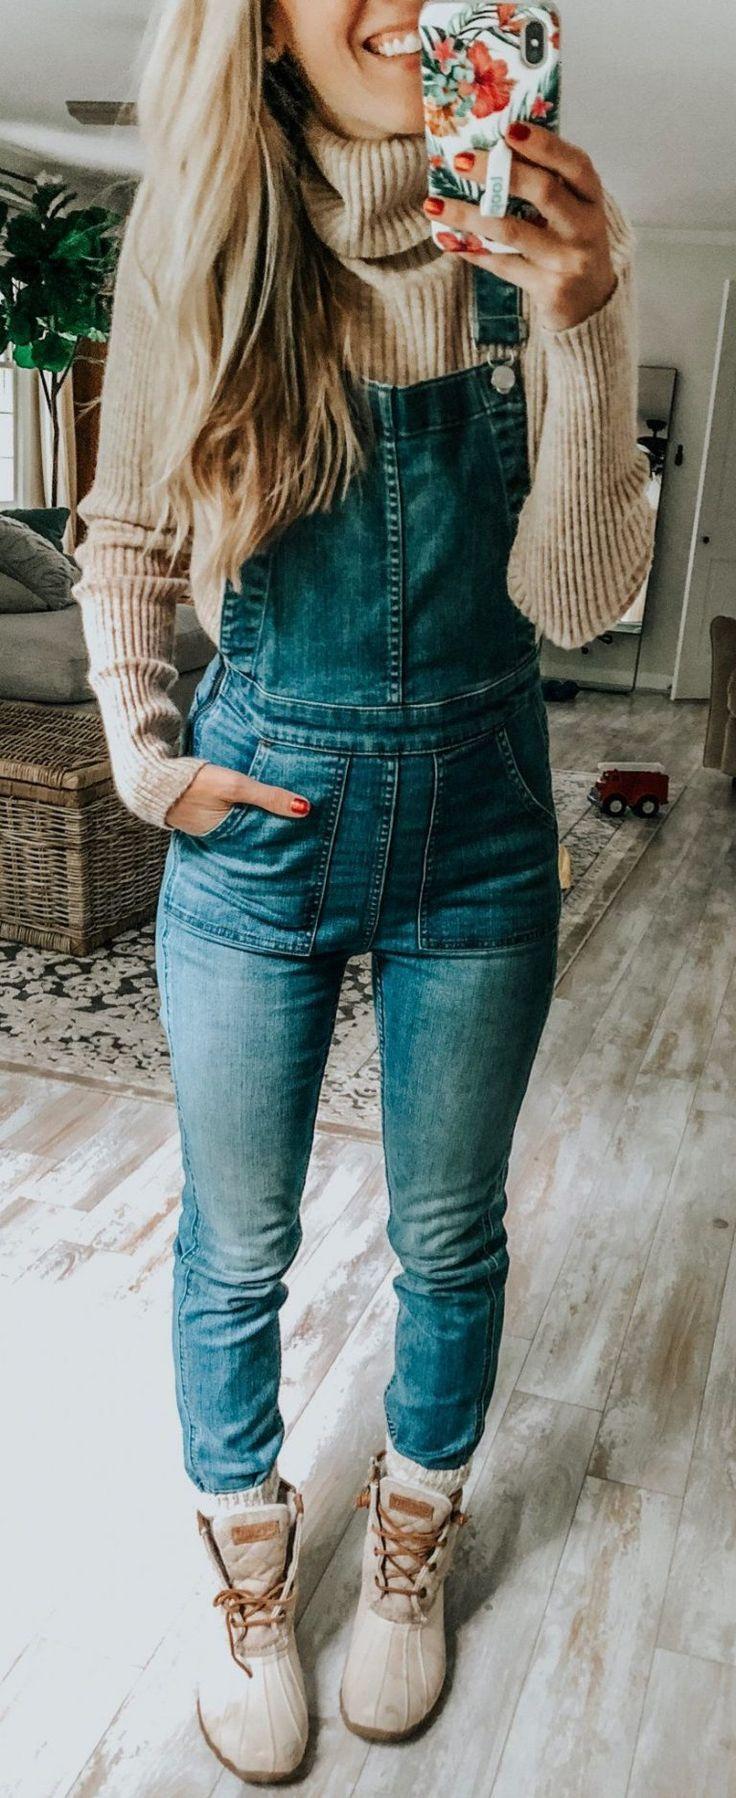 50 Herbst-Outfit-Ideen im Trend – Süße Outfits – #Süss #Herbst #Ideen #Aus …